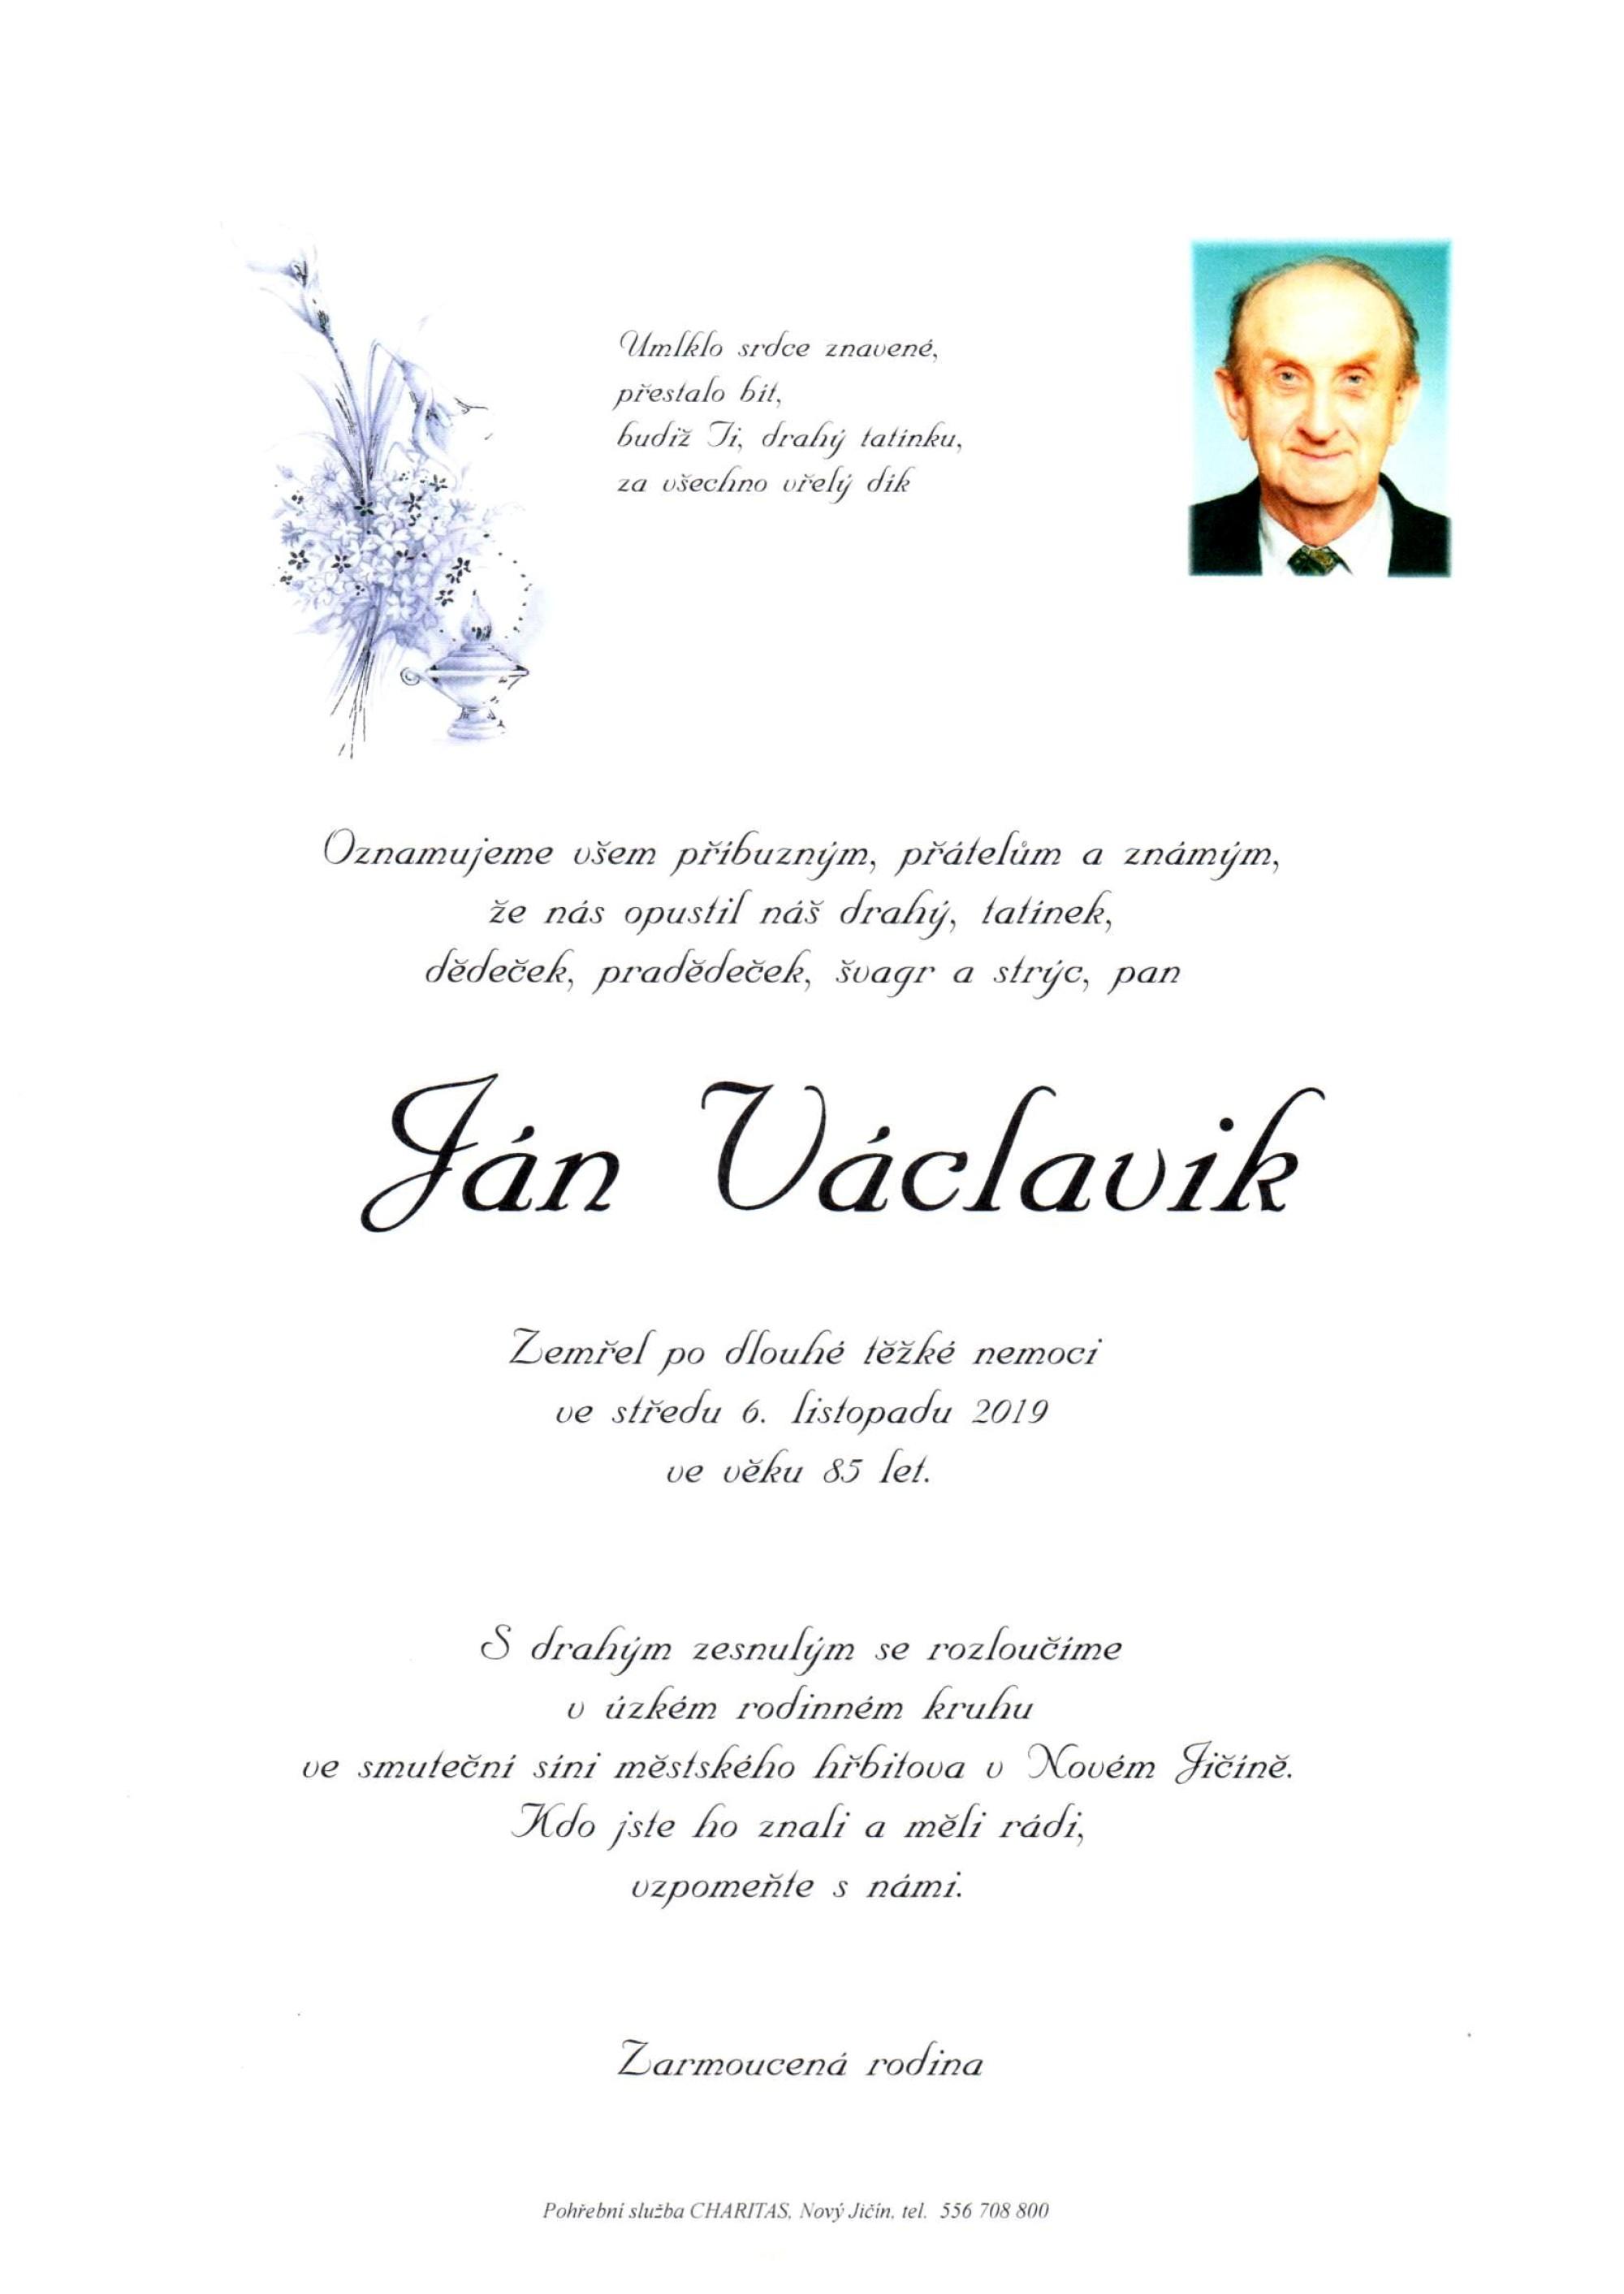 Ján Václavik